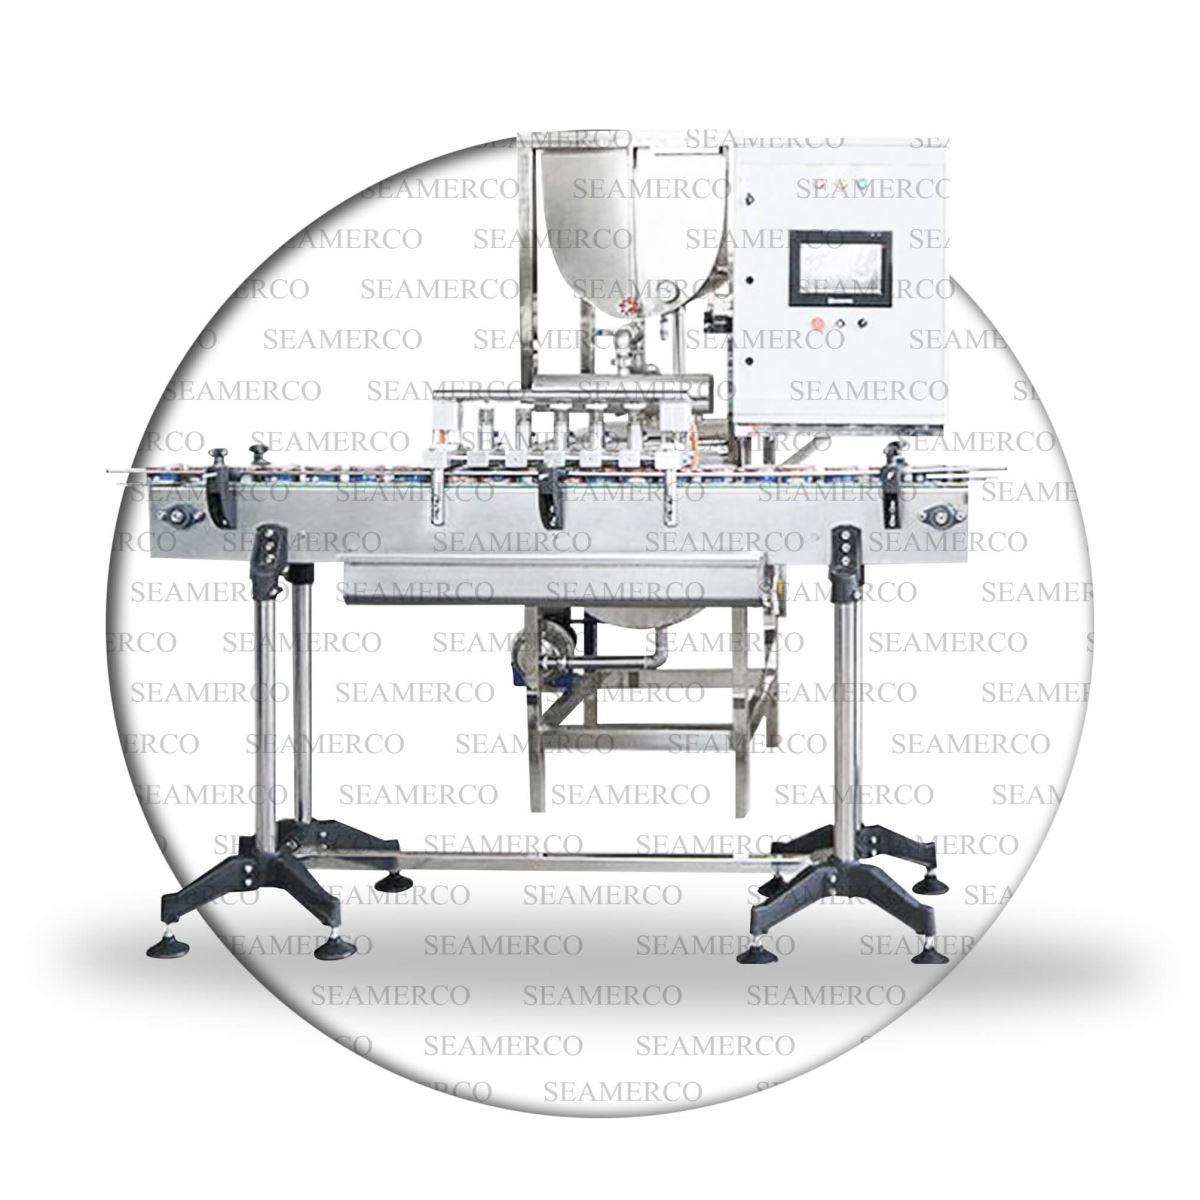 دستگاه پرکن مایعات رقیق-ساخت دستگاه پرکن مایعات-قیمت دستگاه پرکن مایعات-دستگاه محلول ریز-